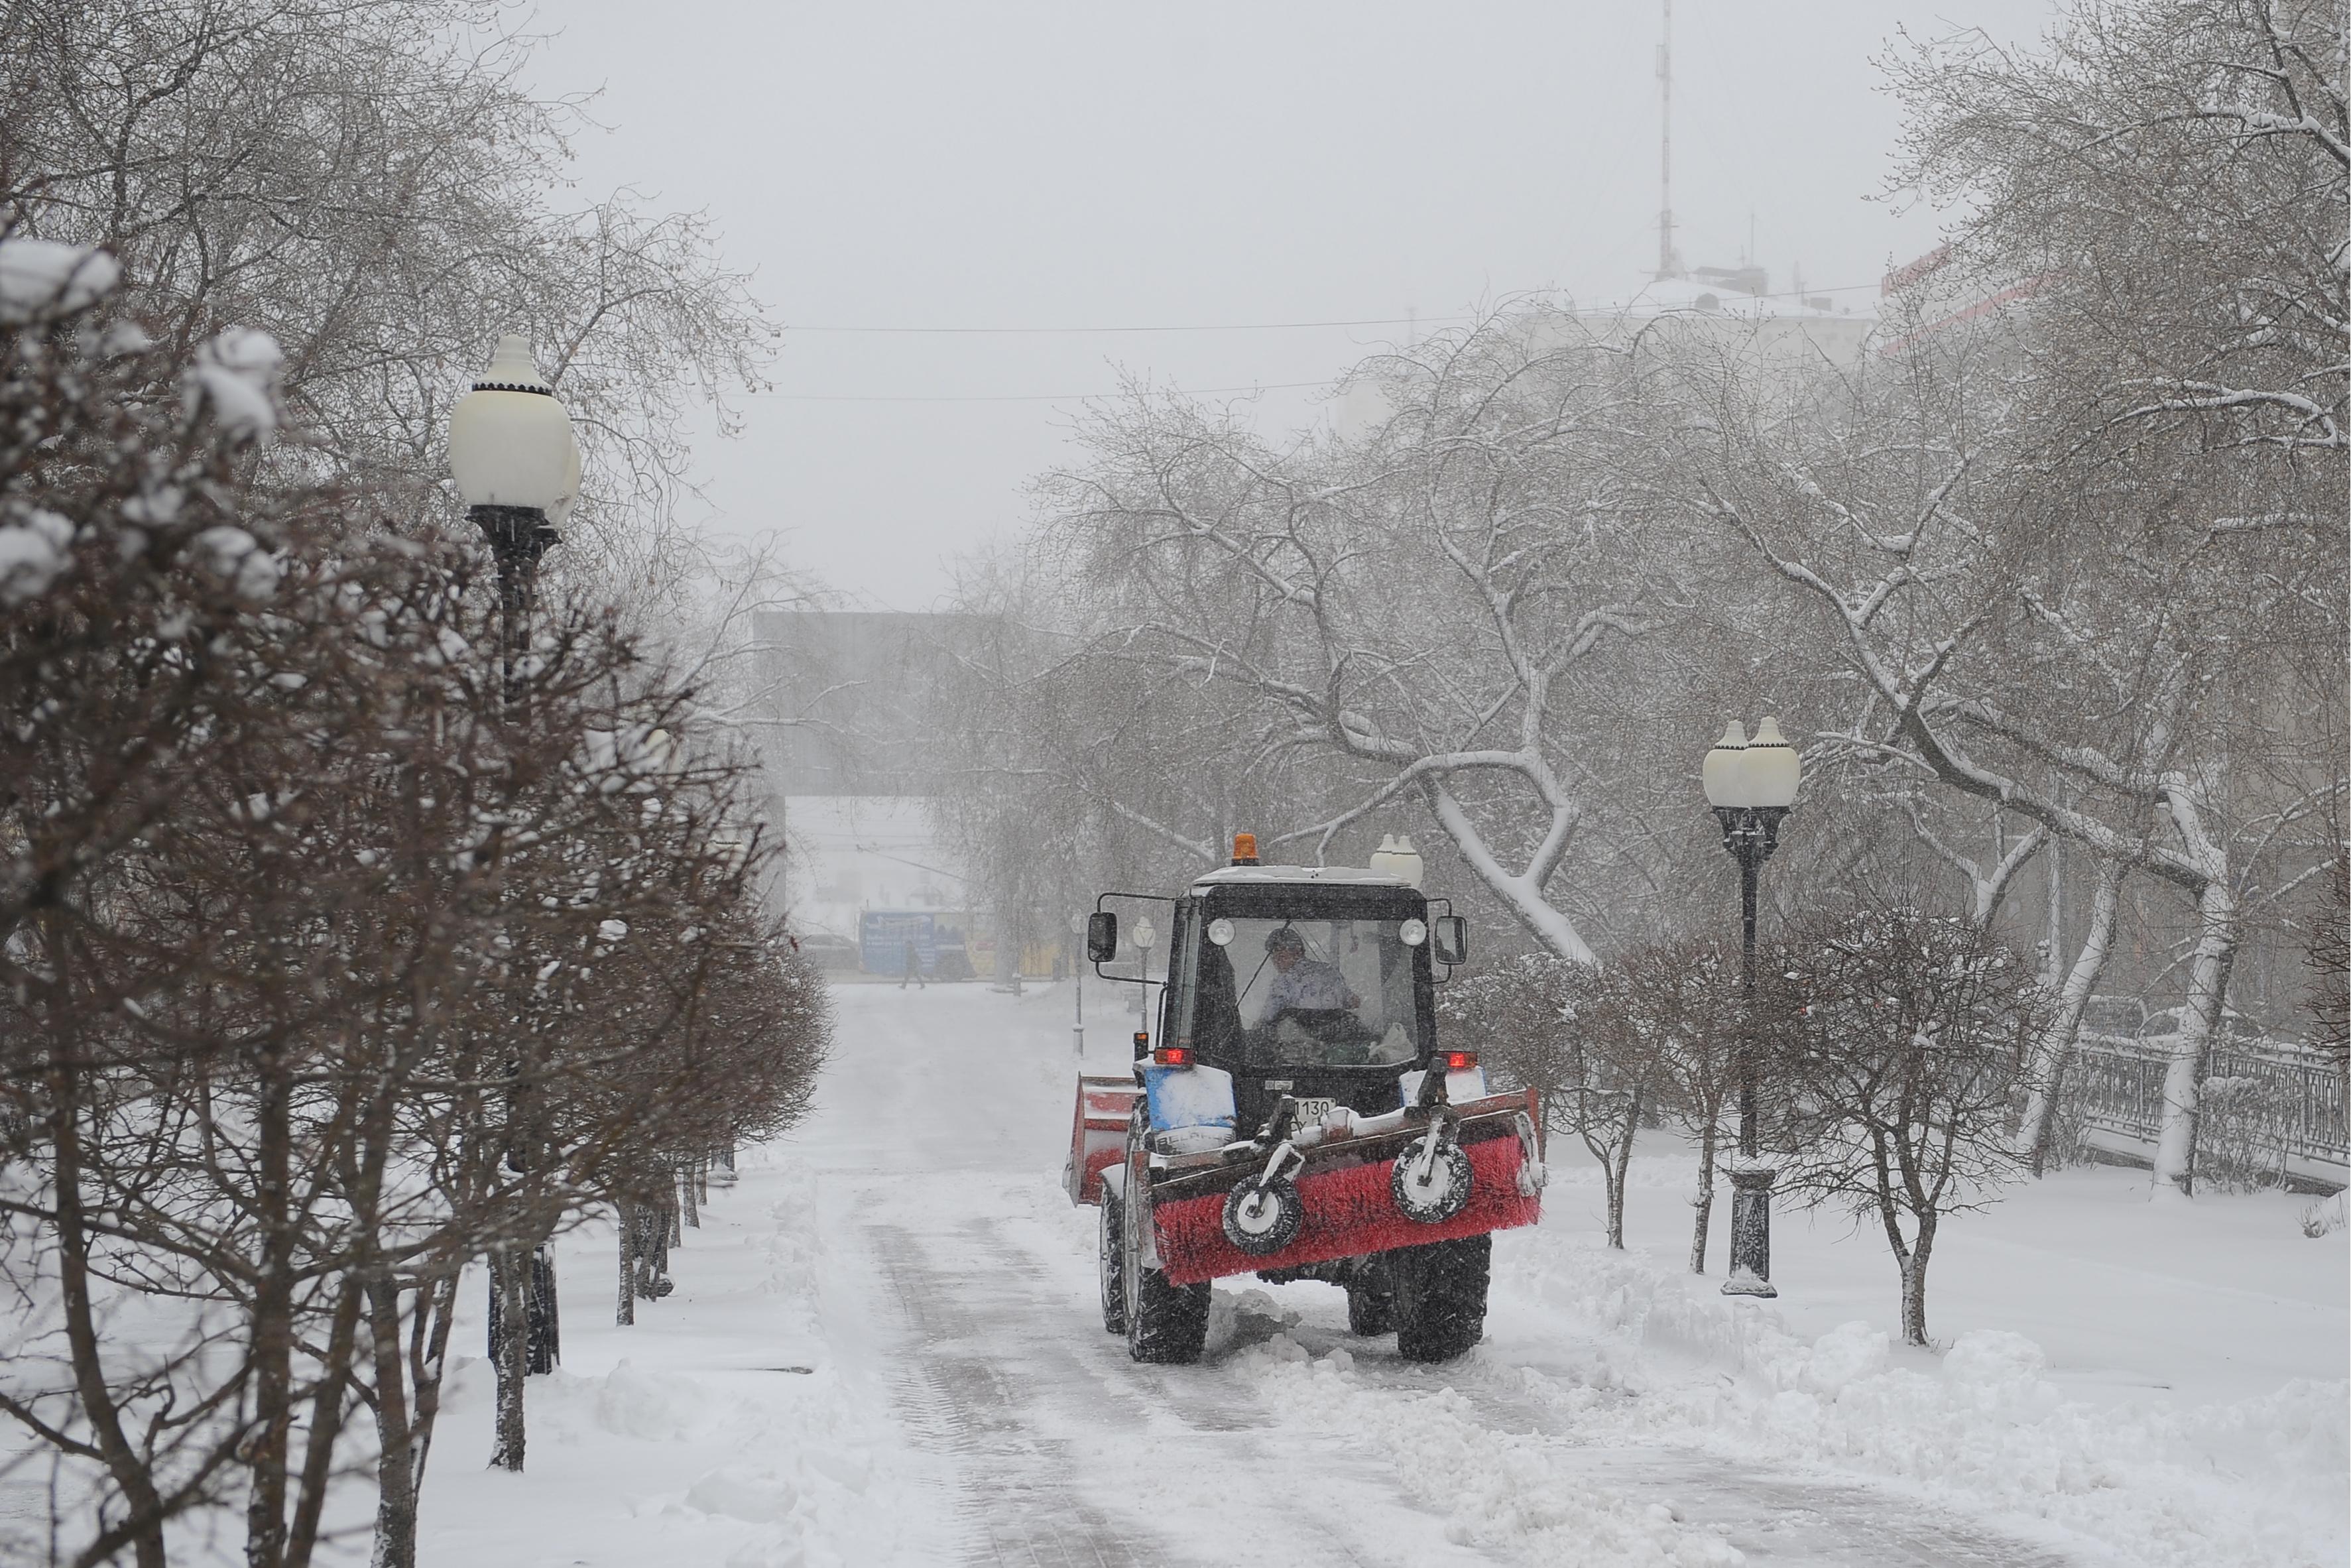 Уборка снега на одной из улиц Екатеринбурга